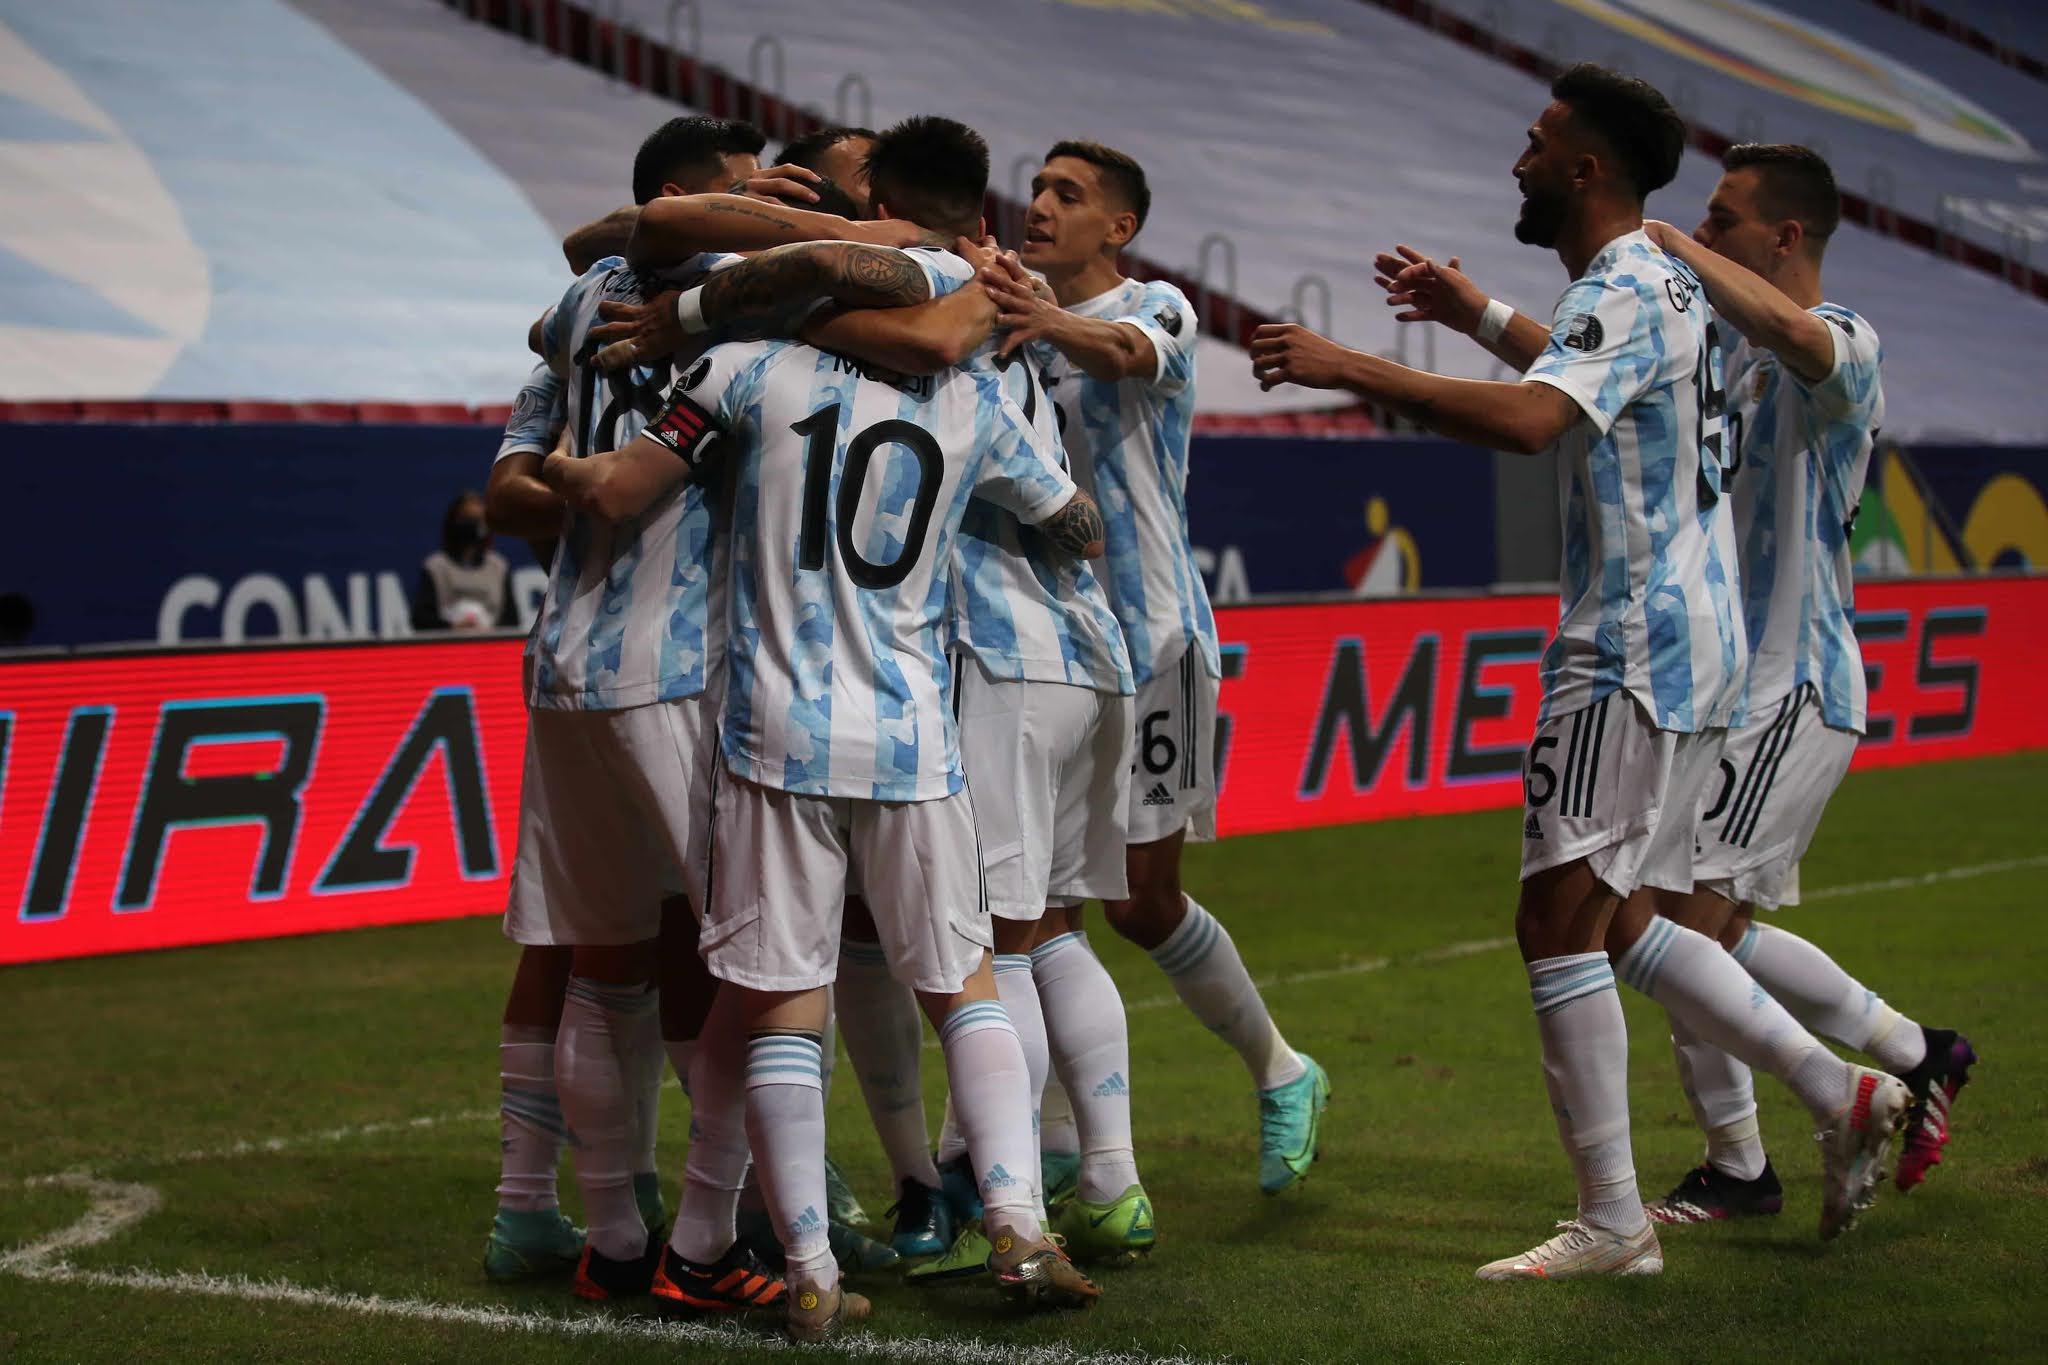 Argentina superó a Uruguay sin sobrarle nada, pero con buenos signos futbolísticos